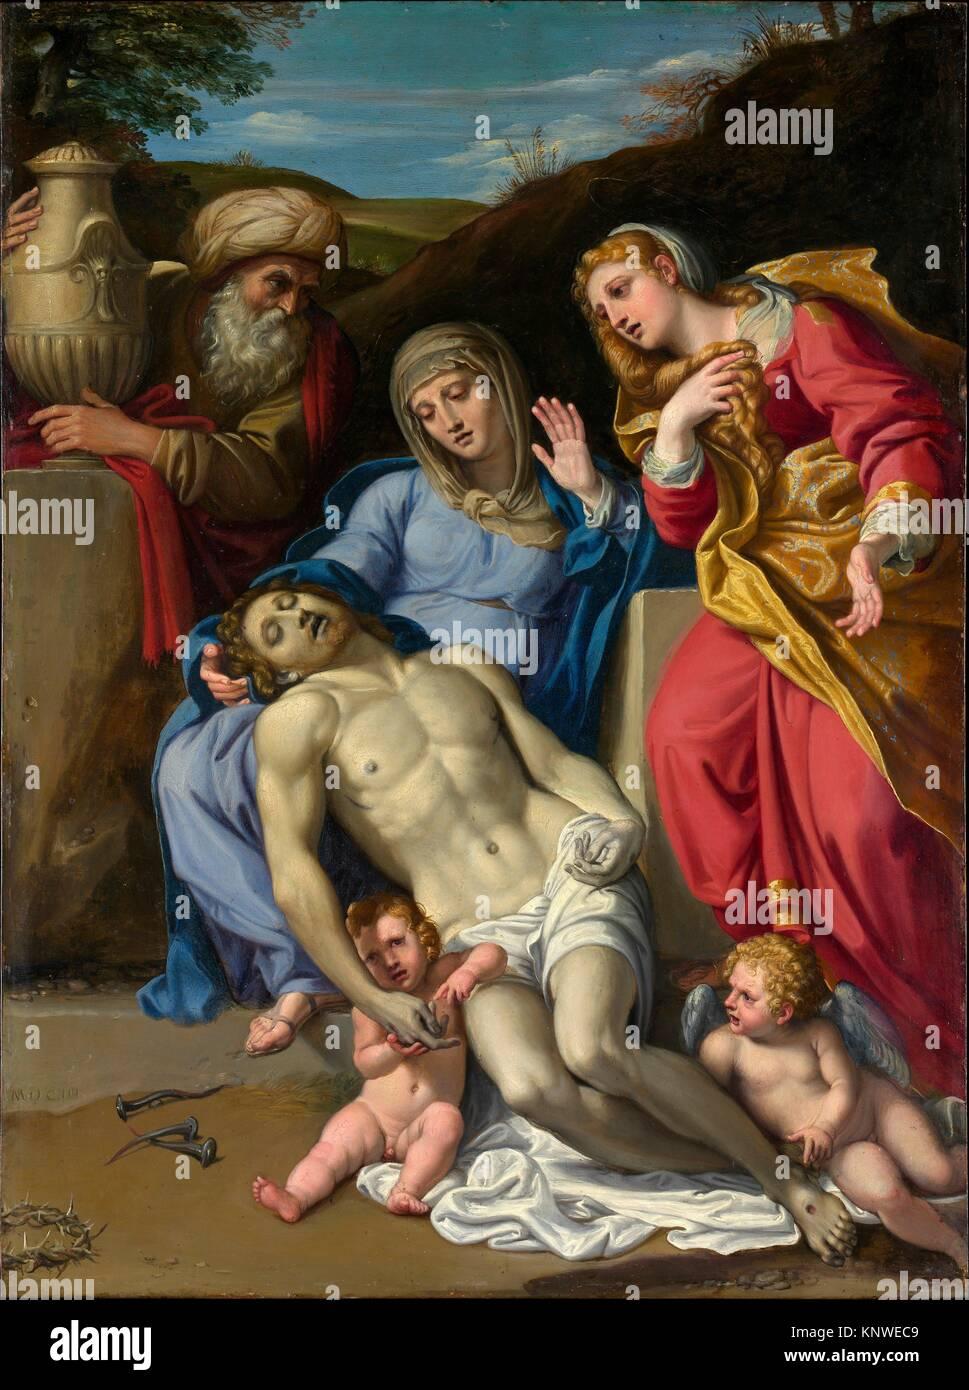 The Lamentation. Artist: Domenichino (Domenico Zampieri) (Italian, Bologna 1581-1641 Naples); Date: 1603; Medium: - Stock Image